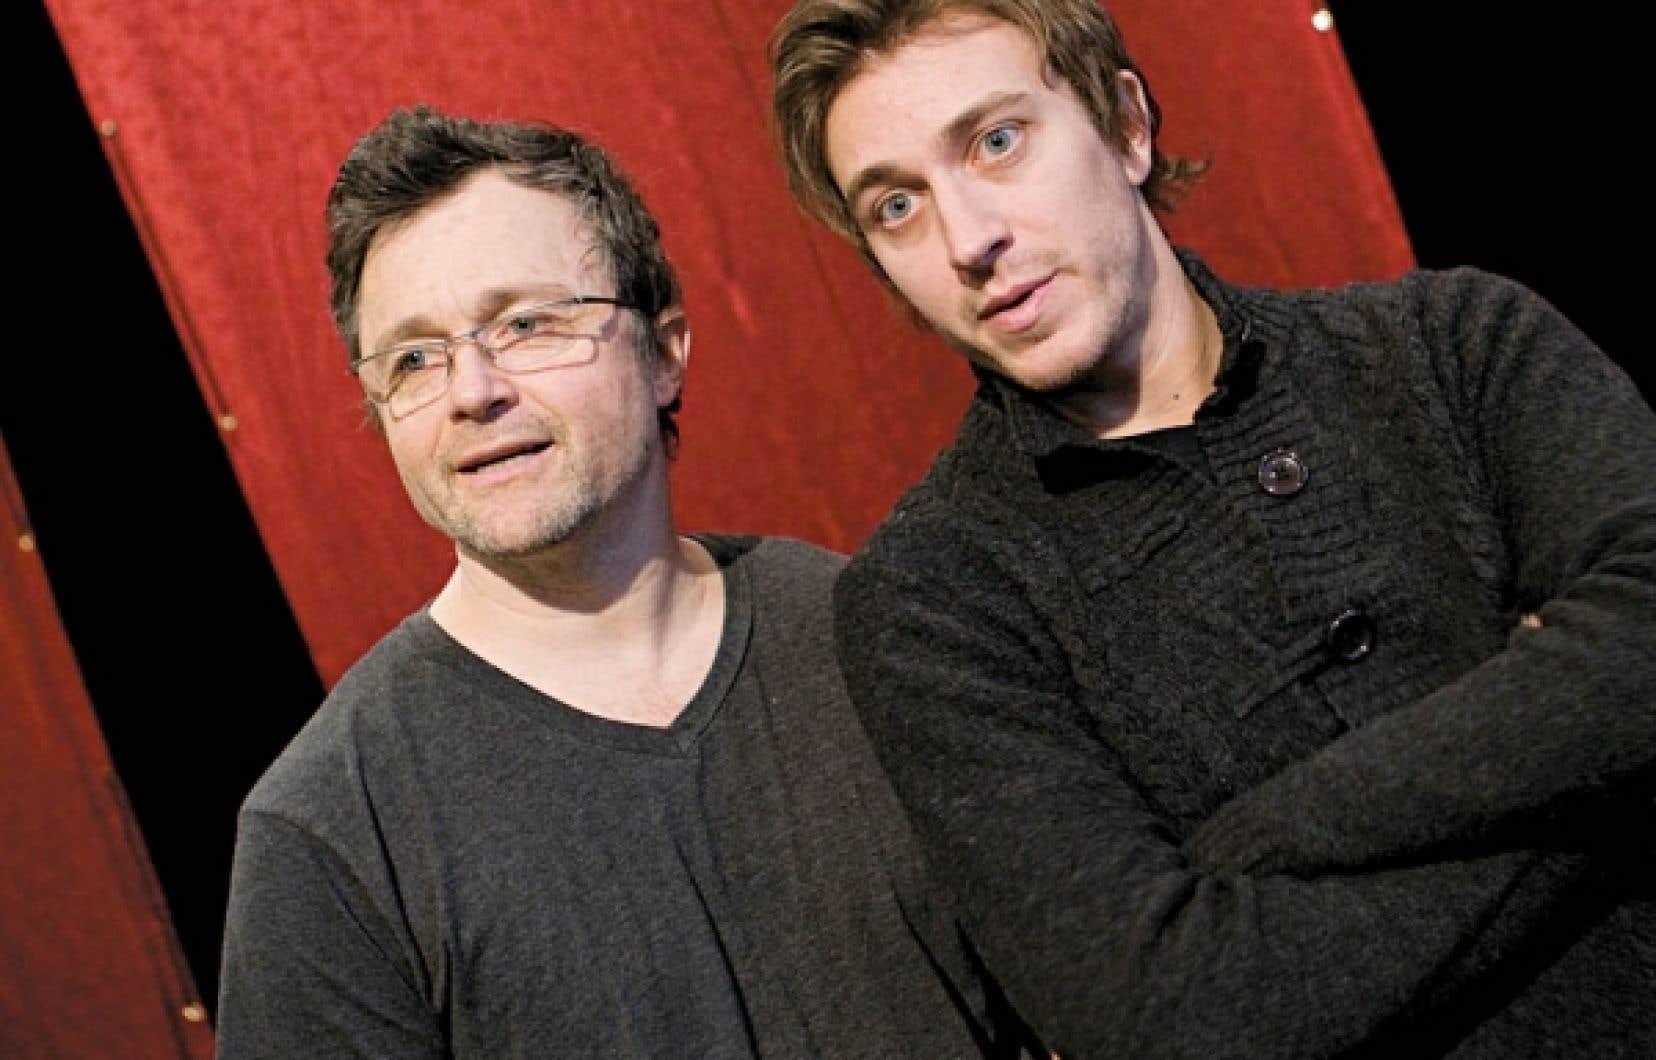 Le metteur en scène Marc Béland en compagnie de Benoît McGinnis<br />